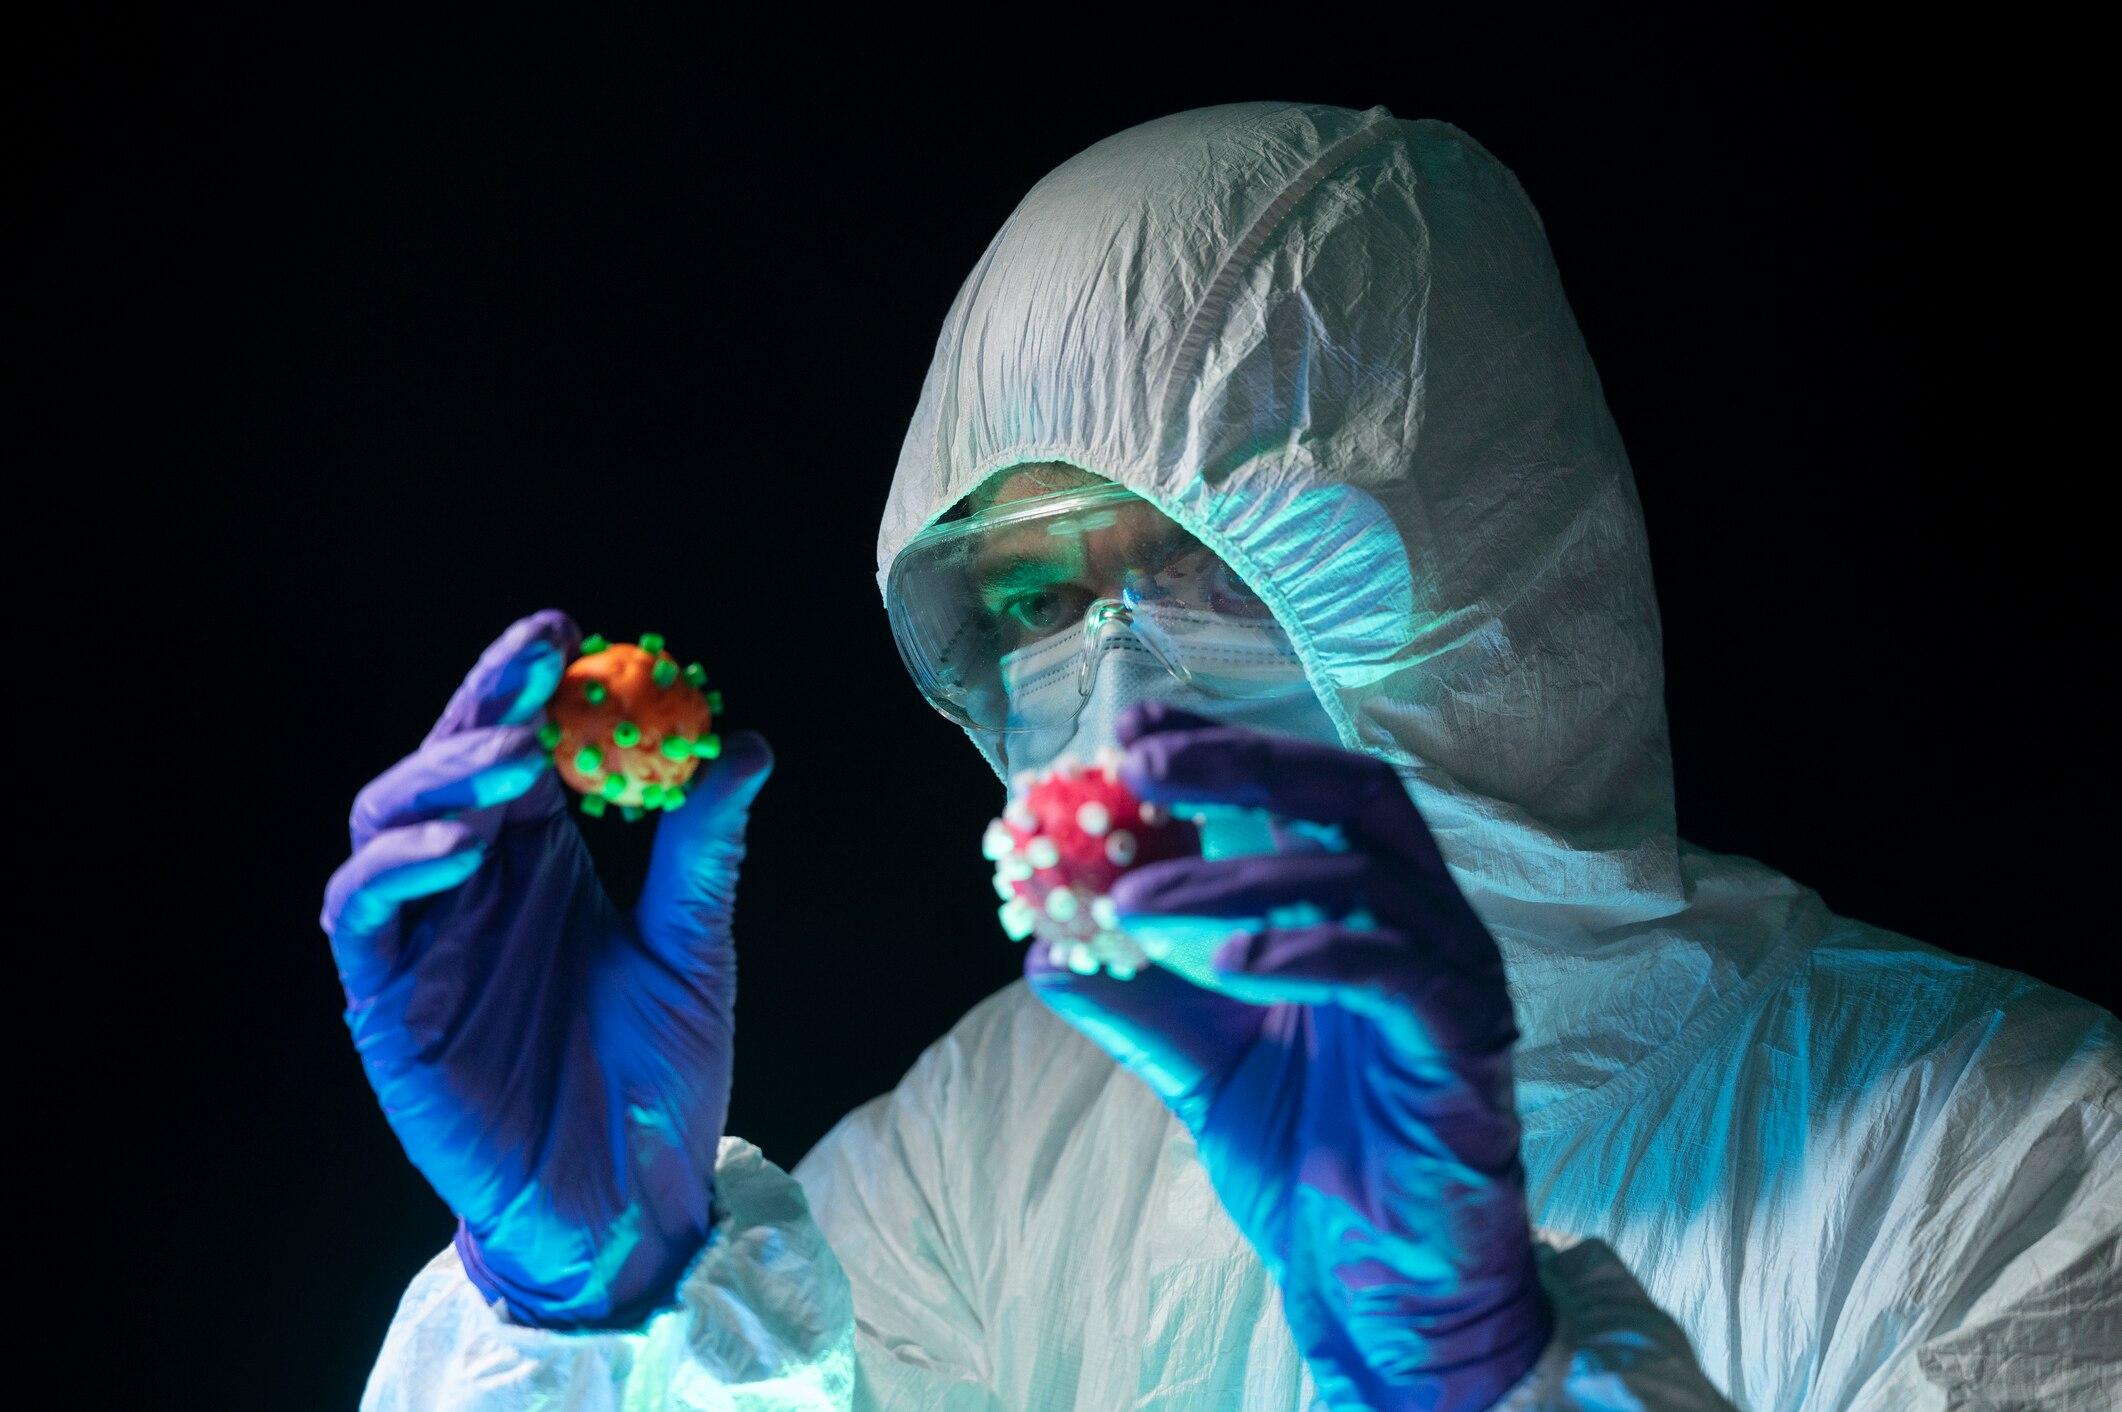 Wirken die aktuellen Corona-Impfstoffe gegen die Mutationen? - FITBOOK